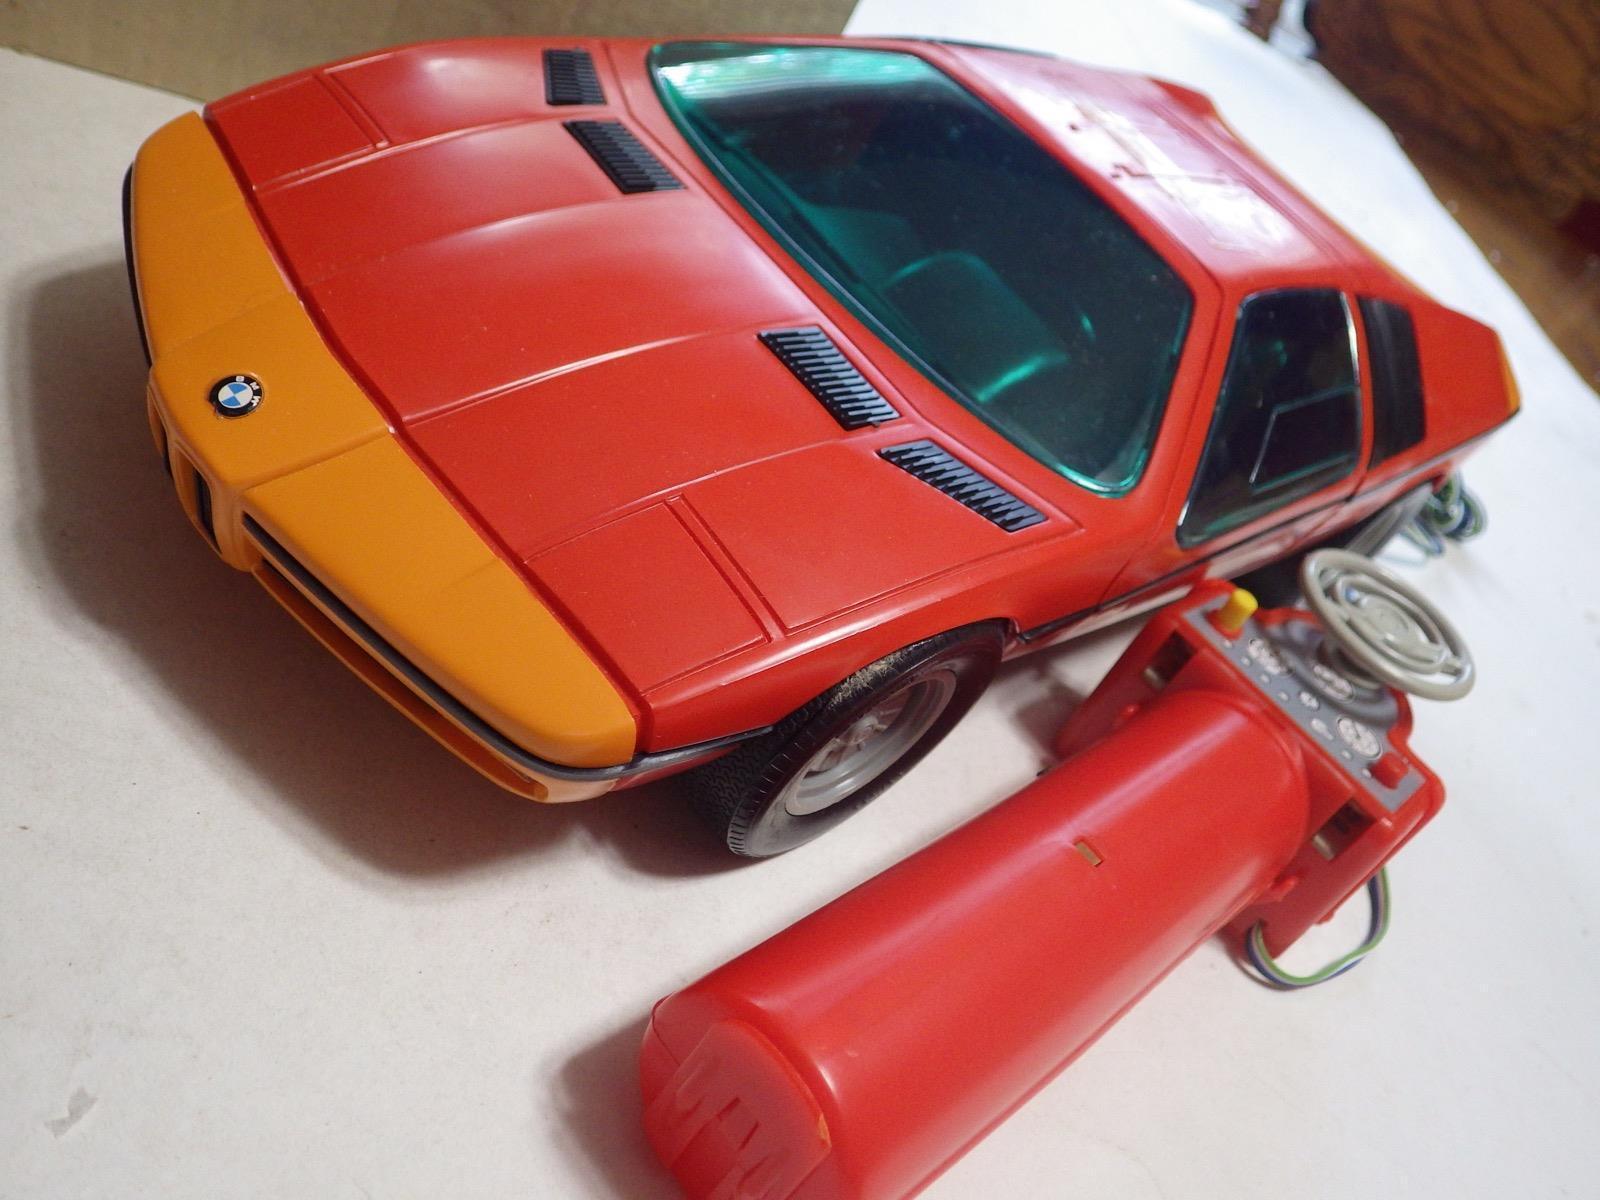 Schuco Servo (Alemania) Rojo Naranja BMW Turbo Servo Plástico eléctrica 1 12 Nuevo En Caja